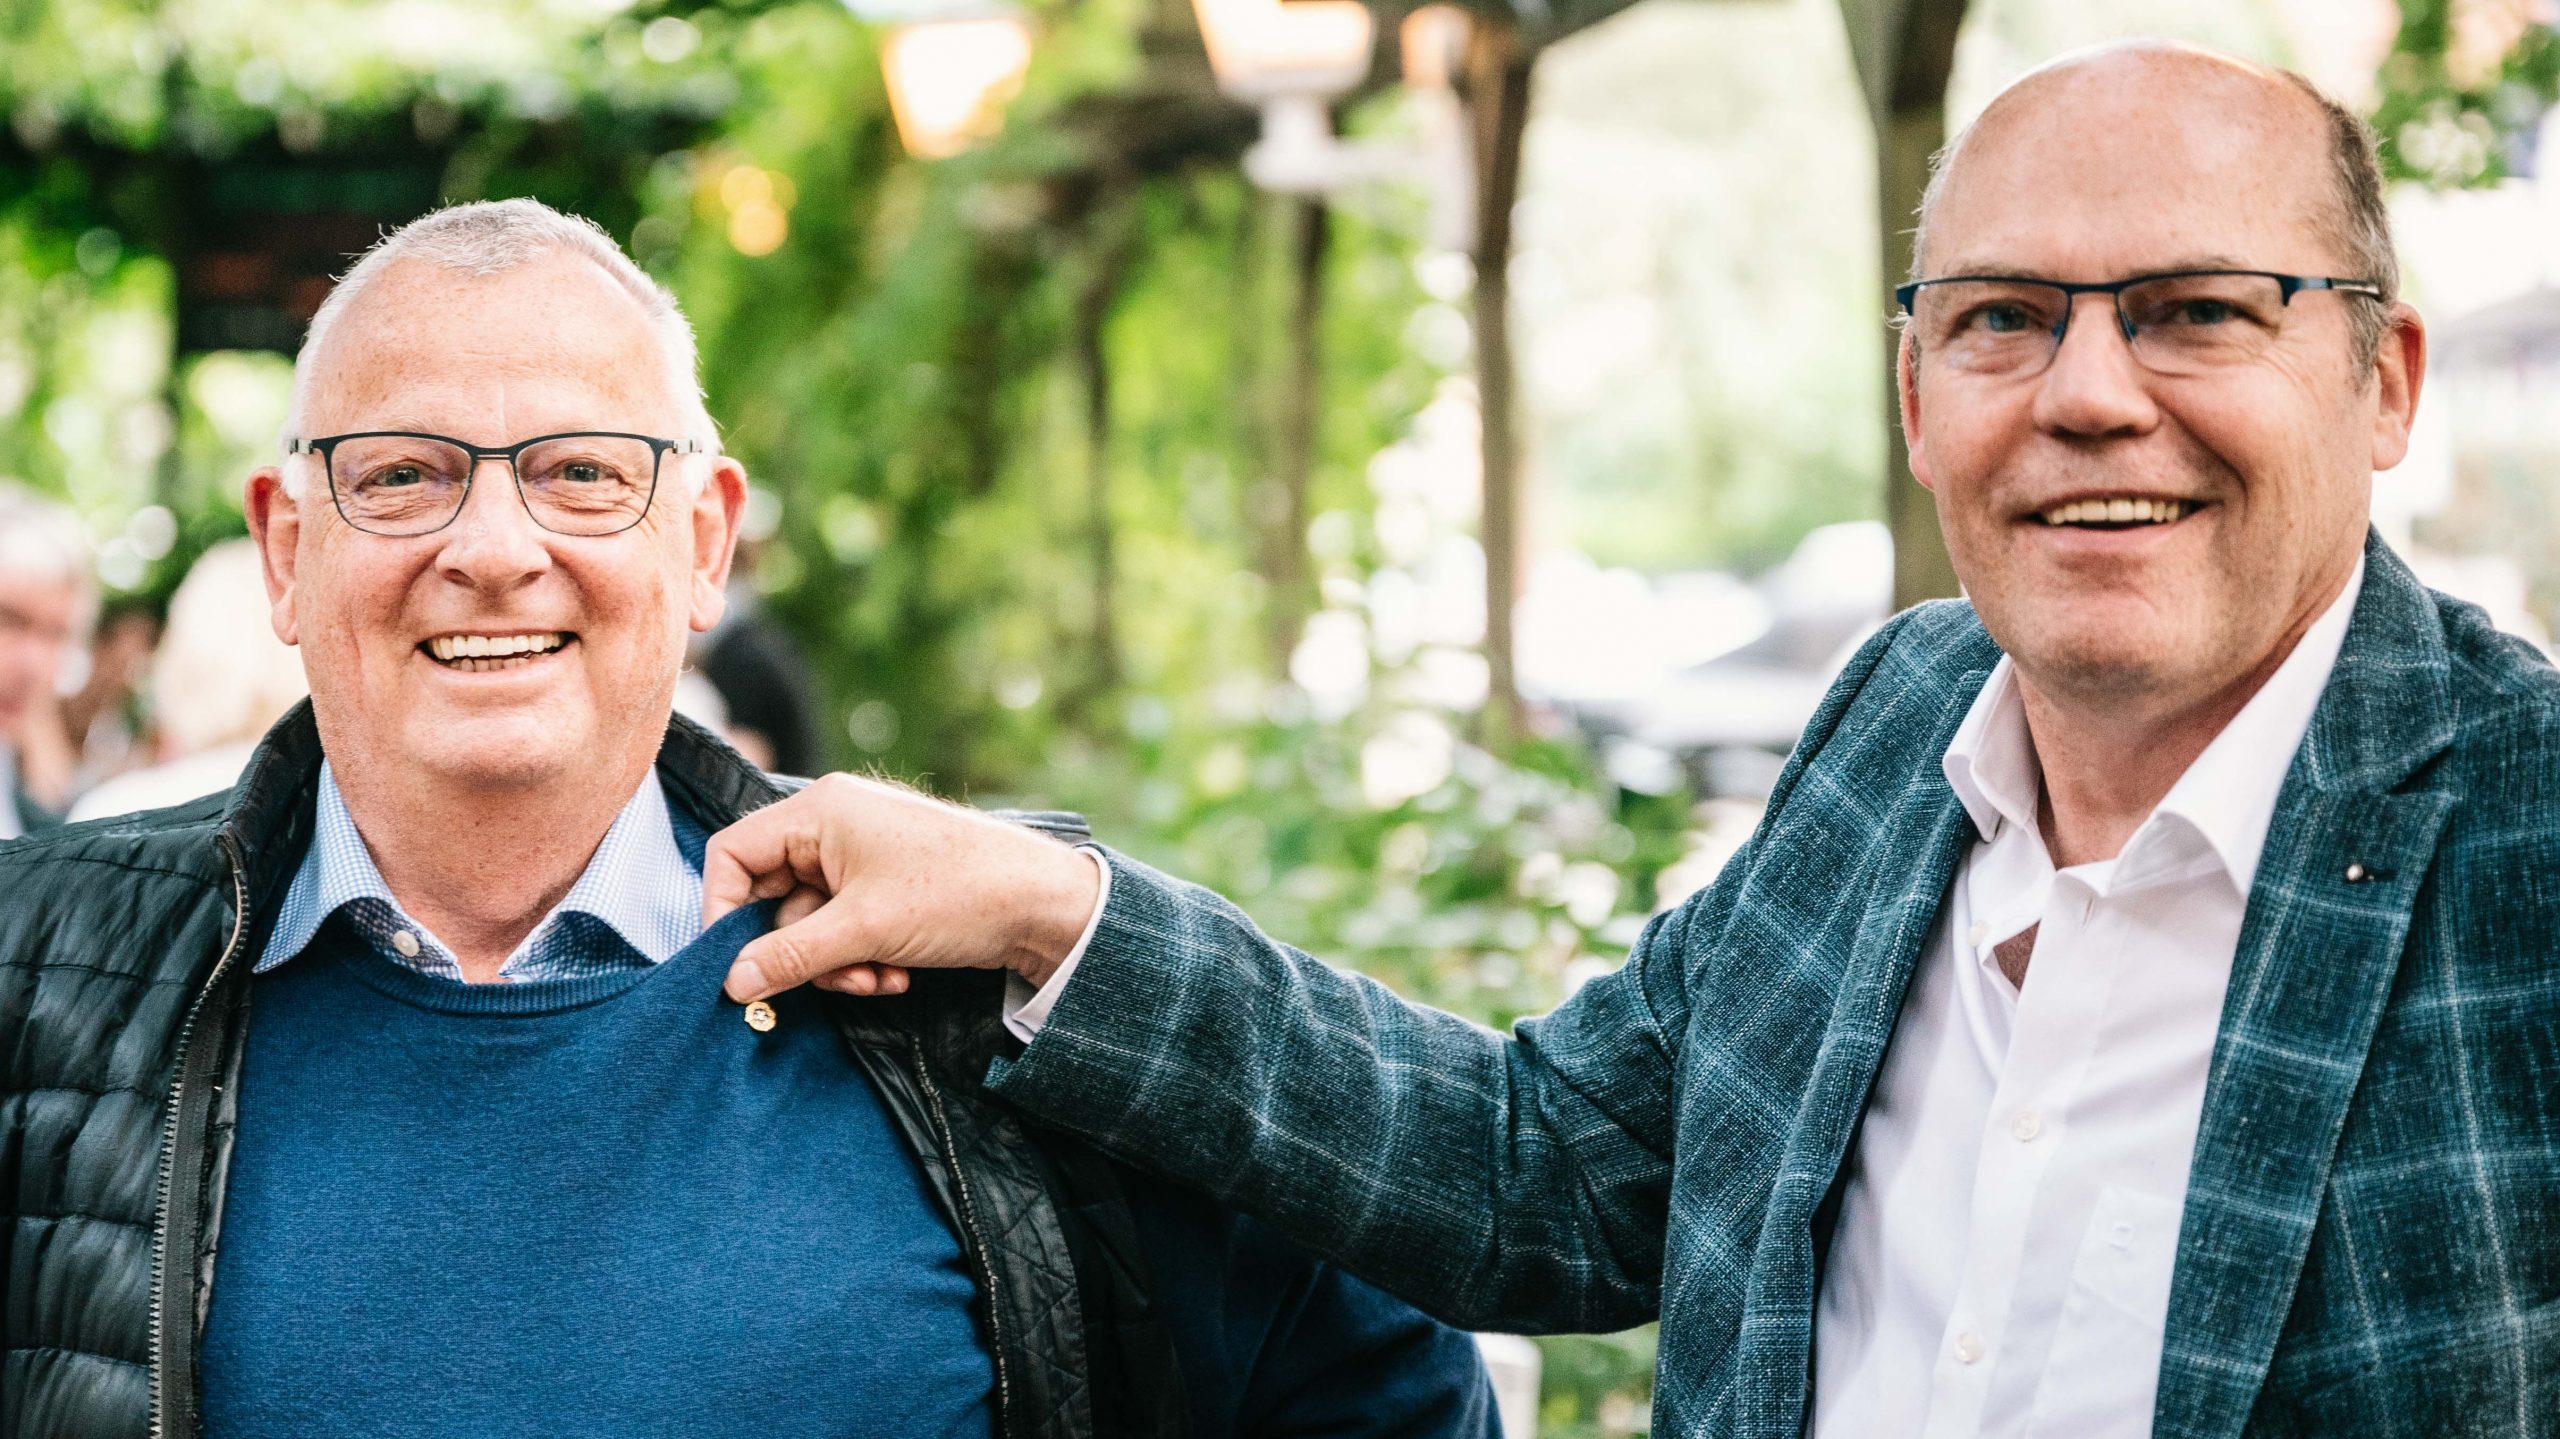 Detlef Lehner wird die Präsidentennadel von Jürgen Hinneburg übergeben